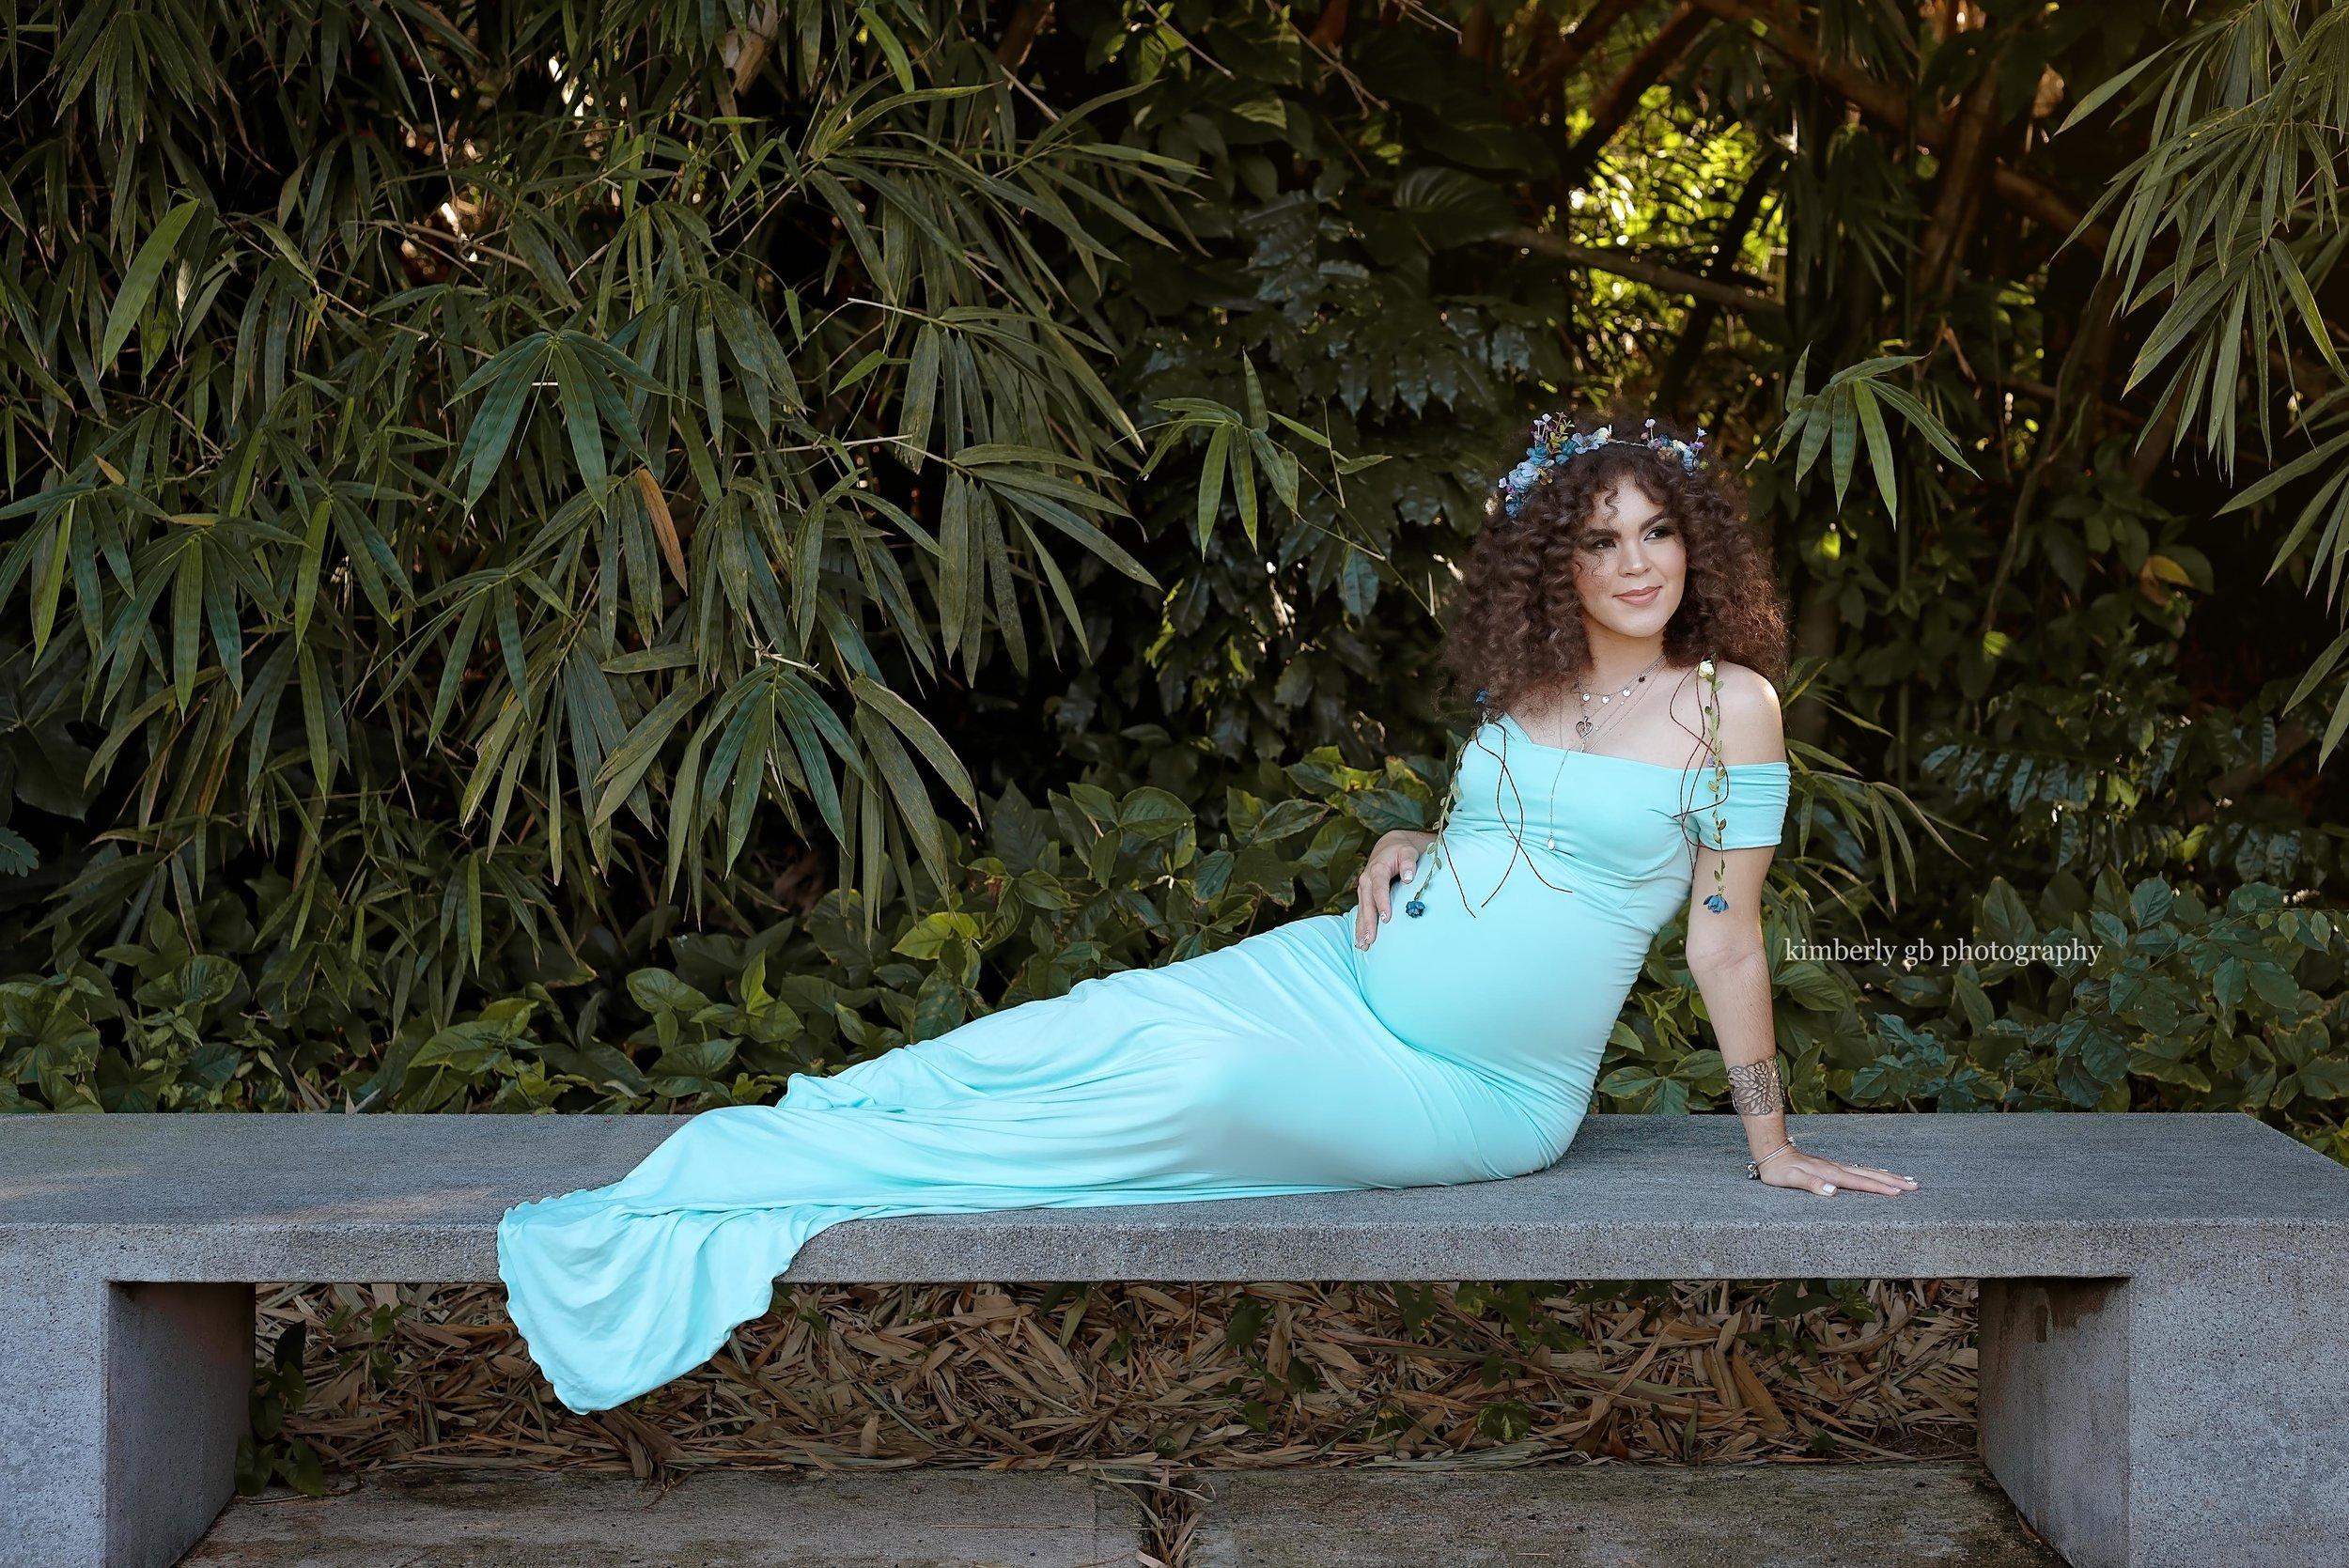 fotografia-fotografa-de-maternidad-embarazo-embarazada-en-puerto-rico-fotografia-162.jpg